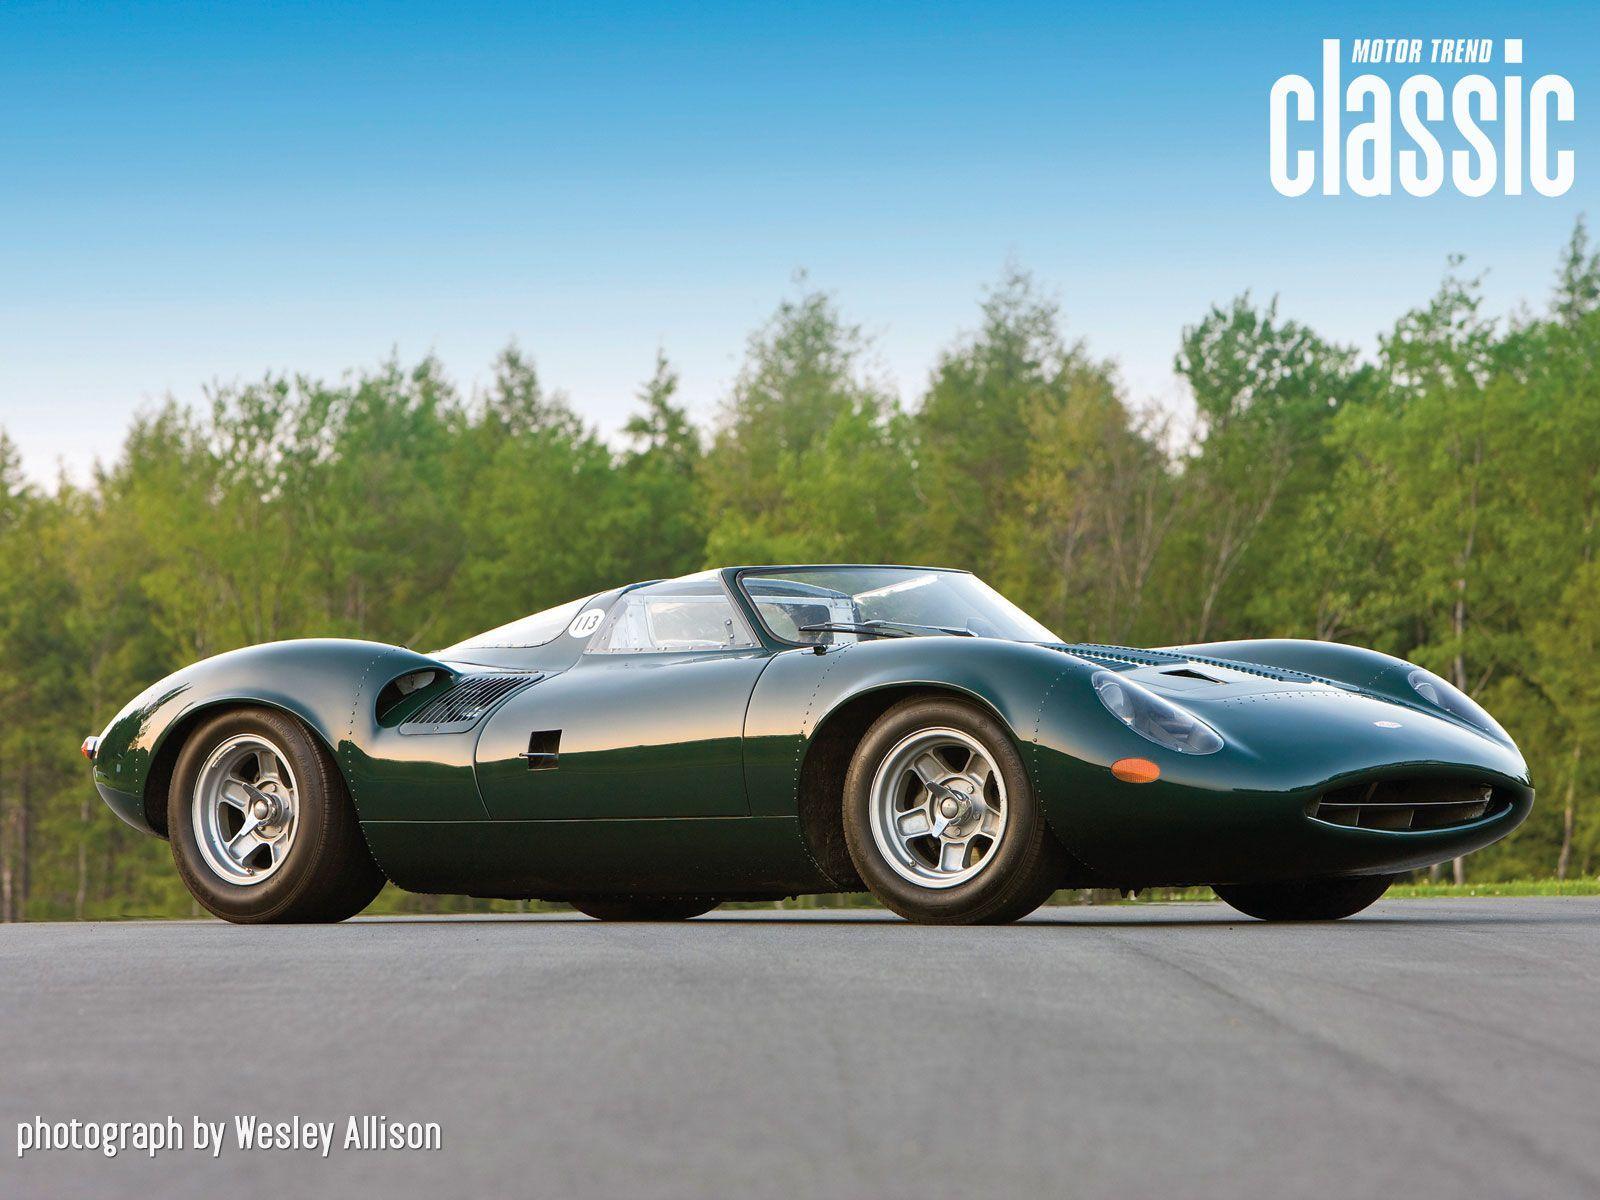 Where was Jaguar made?